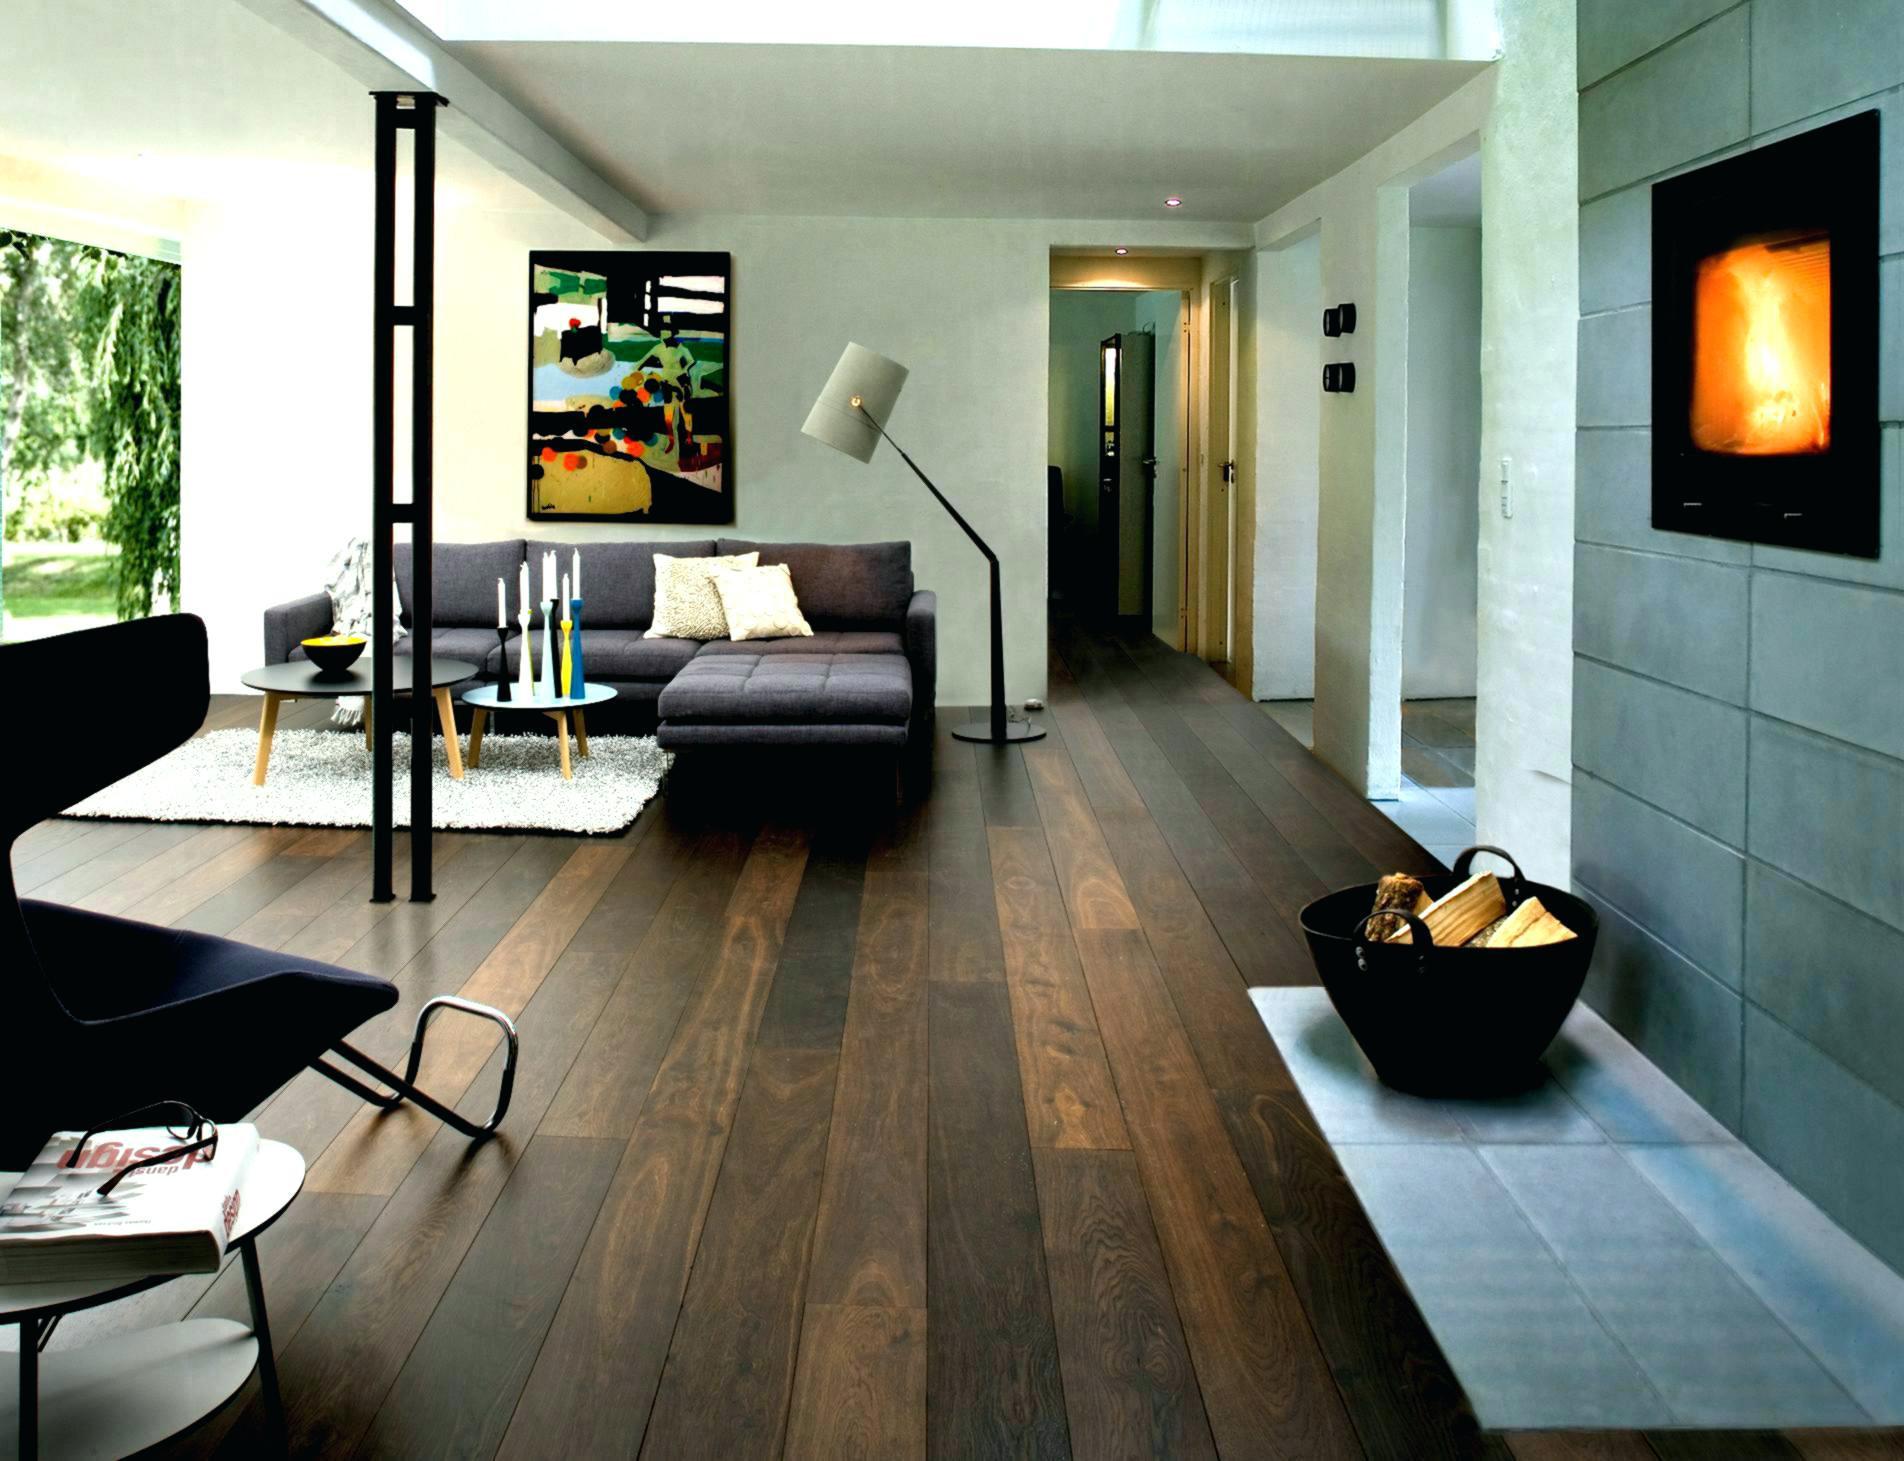 24 Great Best Hardwood Floor for Living Room   Unique Flooring Ideas